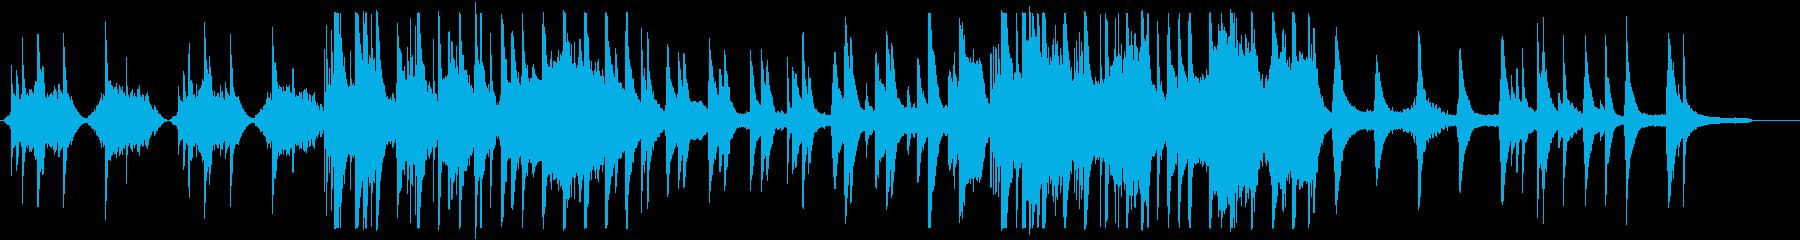 和風 バラード・美しい琴の再生済みの波形